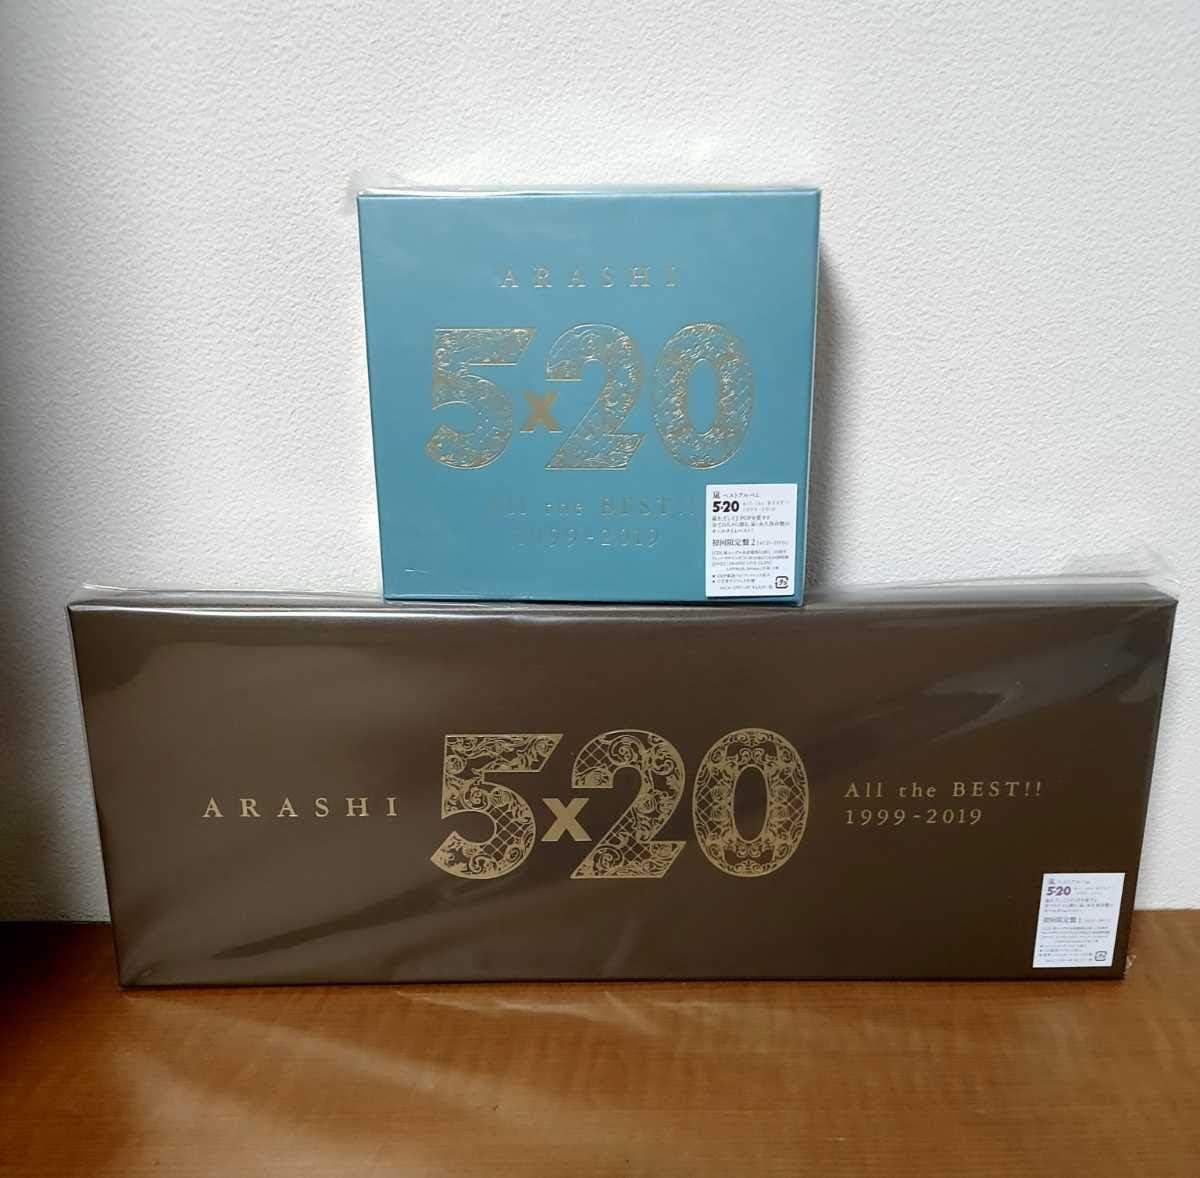 嵐 ベスト アルバム 初回 限定 盤 1 と 2 の 違い